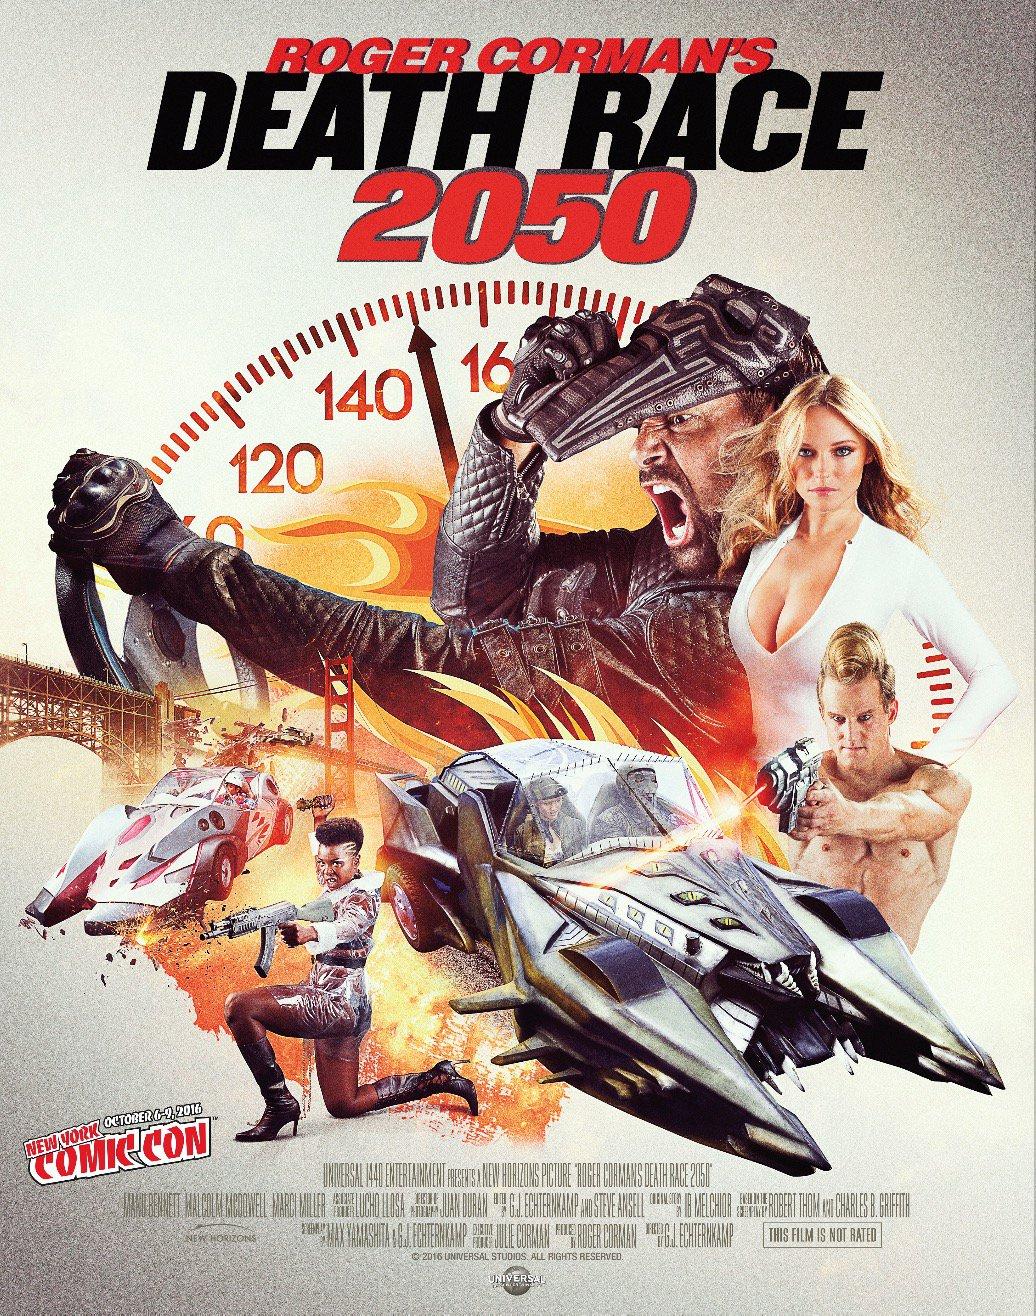 death-race-2050-manu-bennett-poster